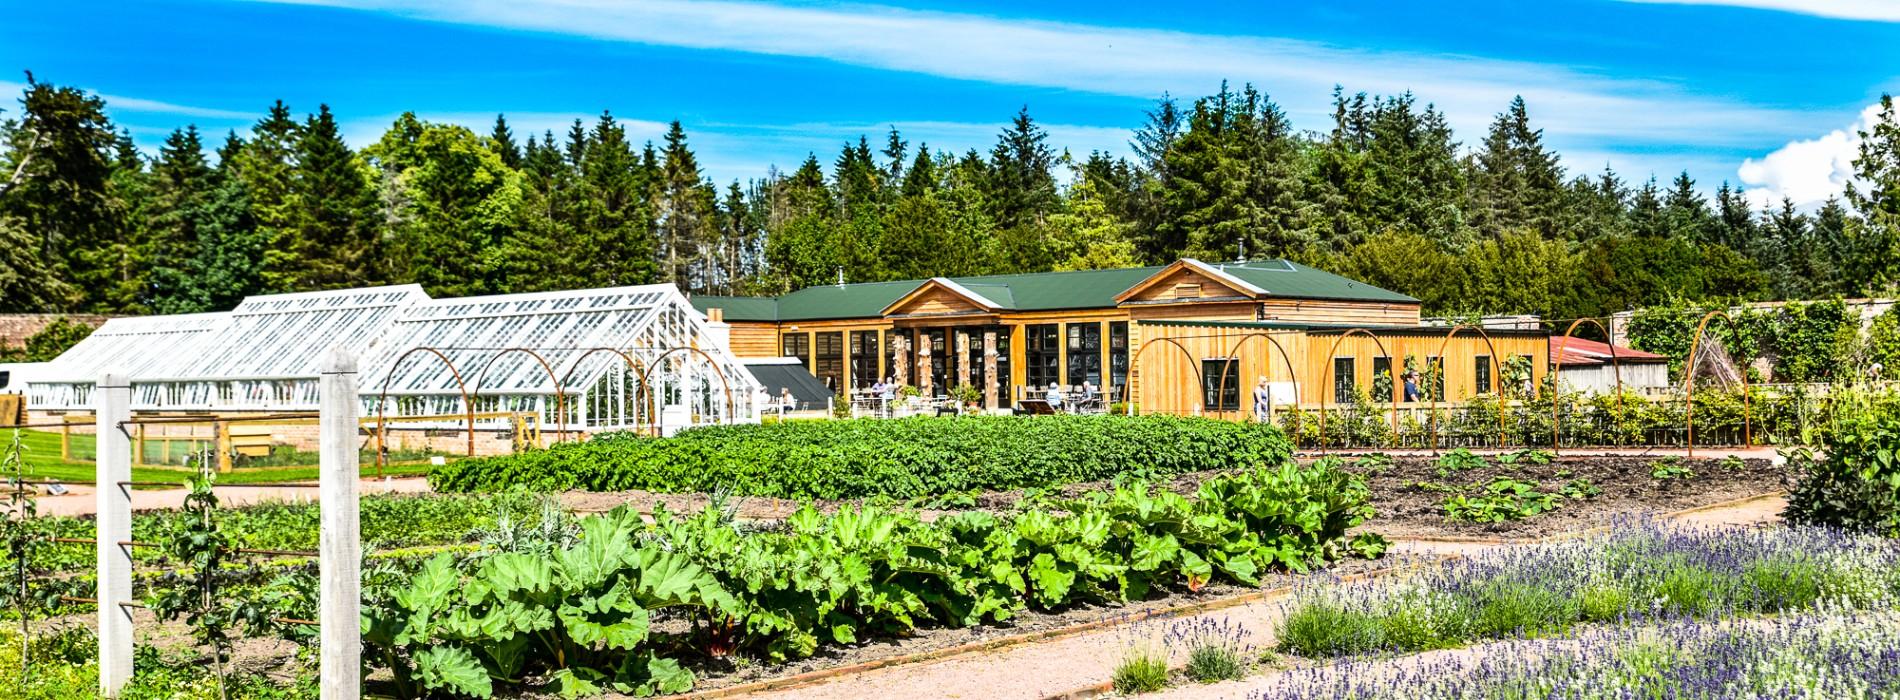 Gordon Castle Walled Garden Cafe